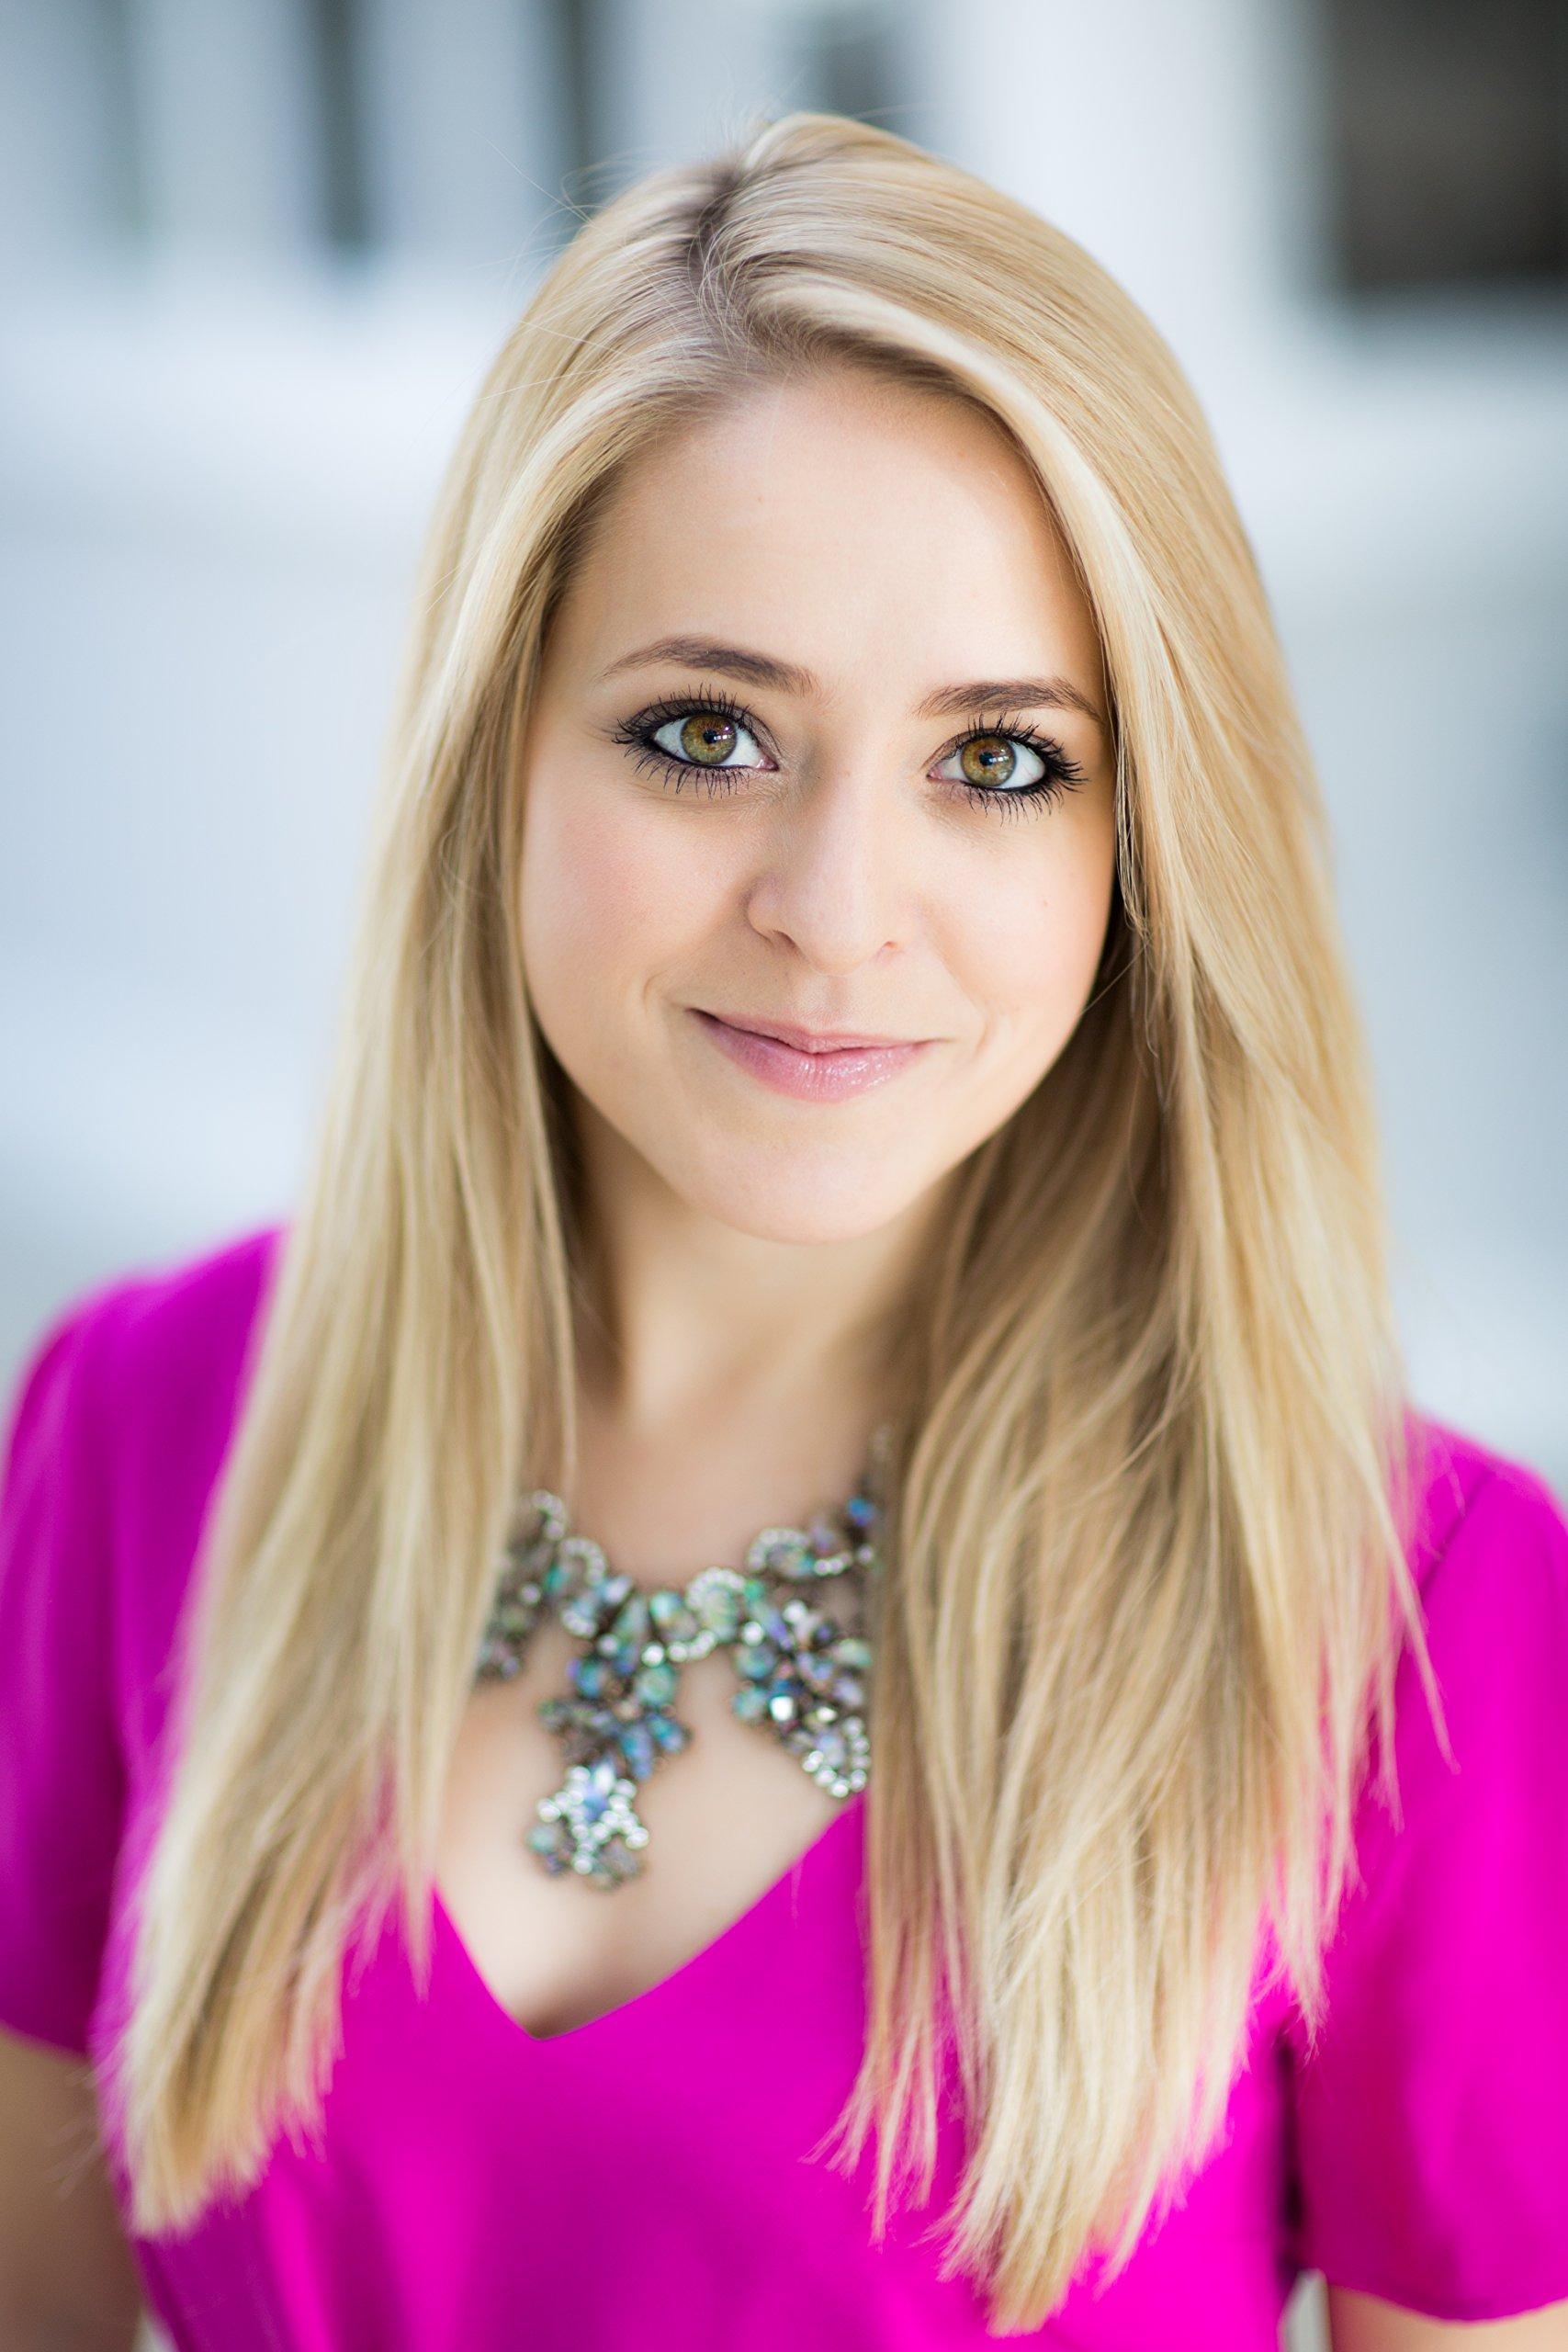 Makeup Artist Fleur De Force - age: 32